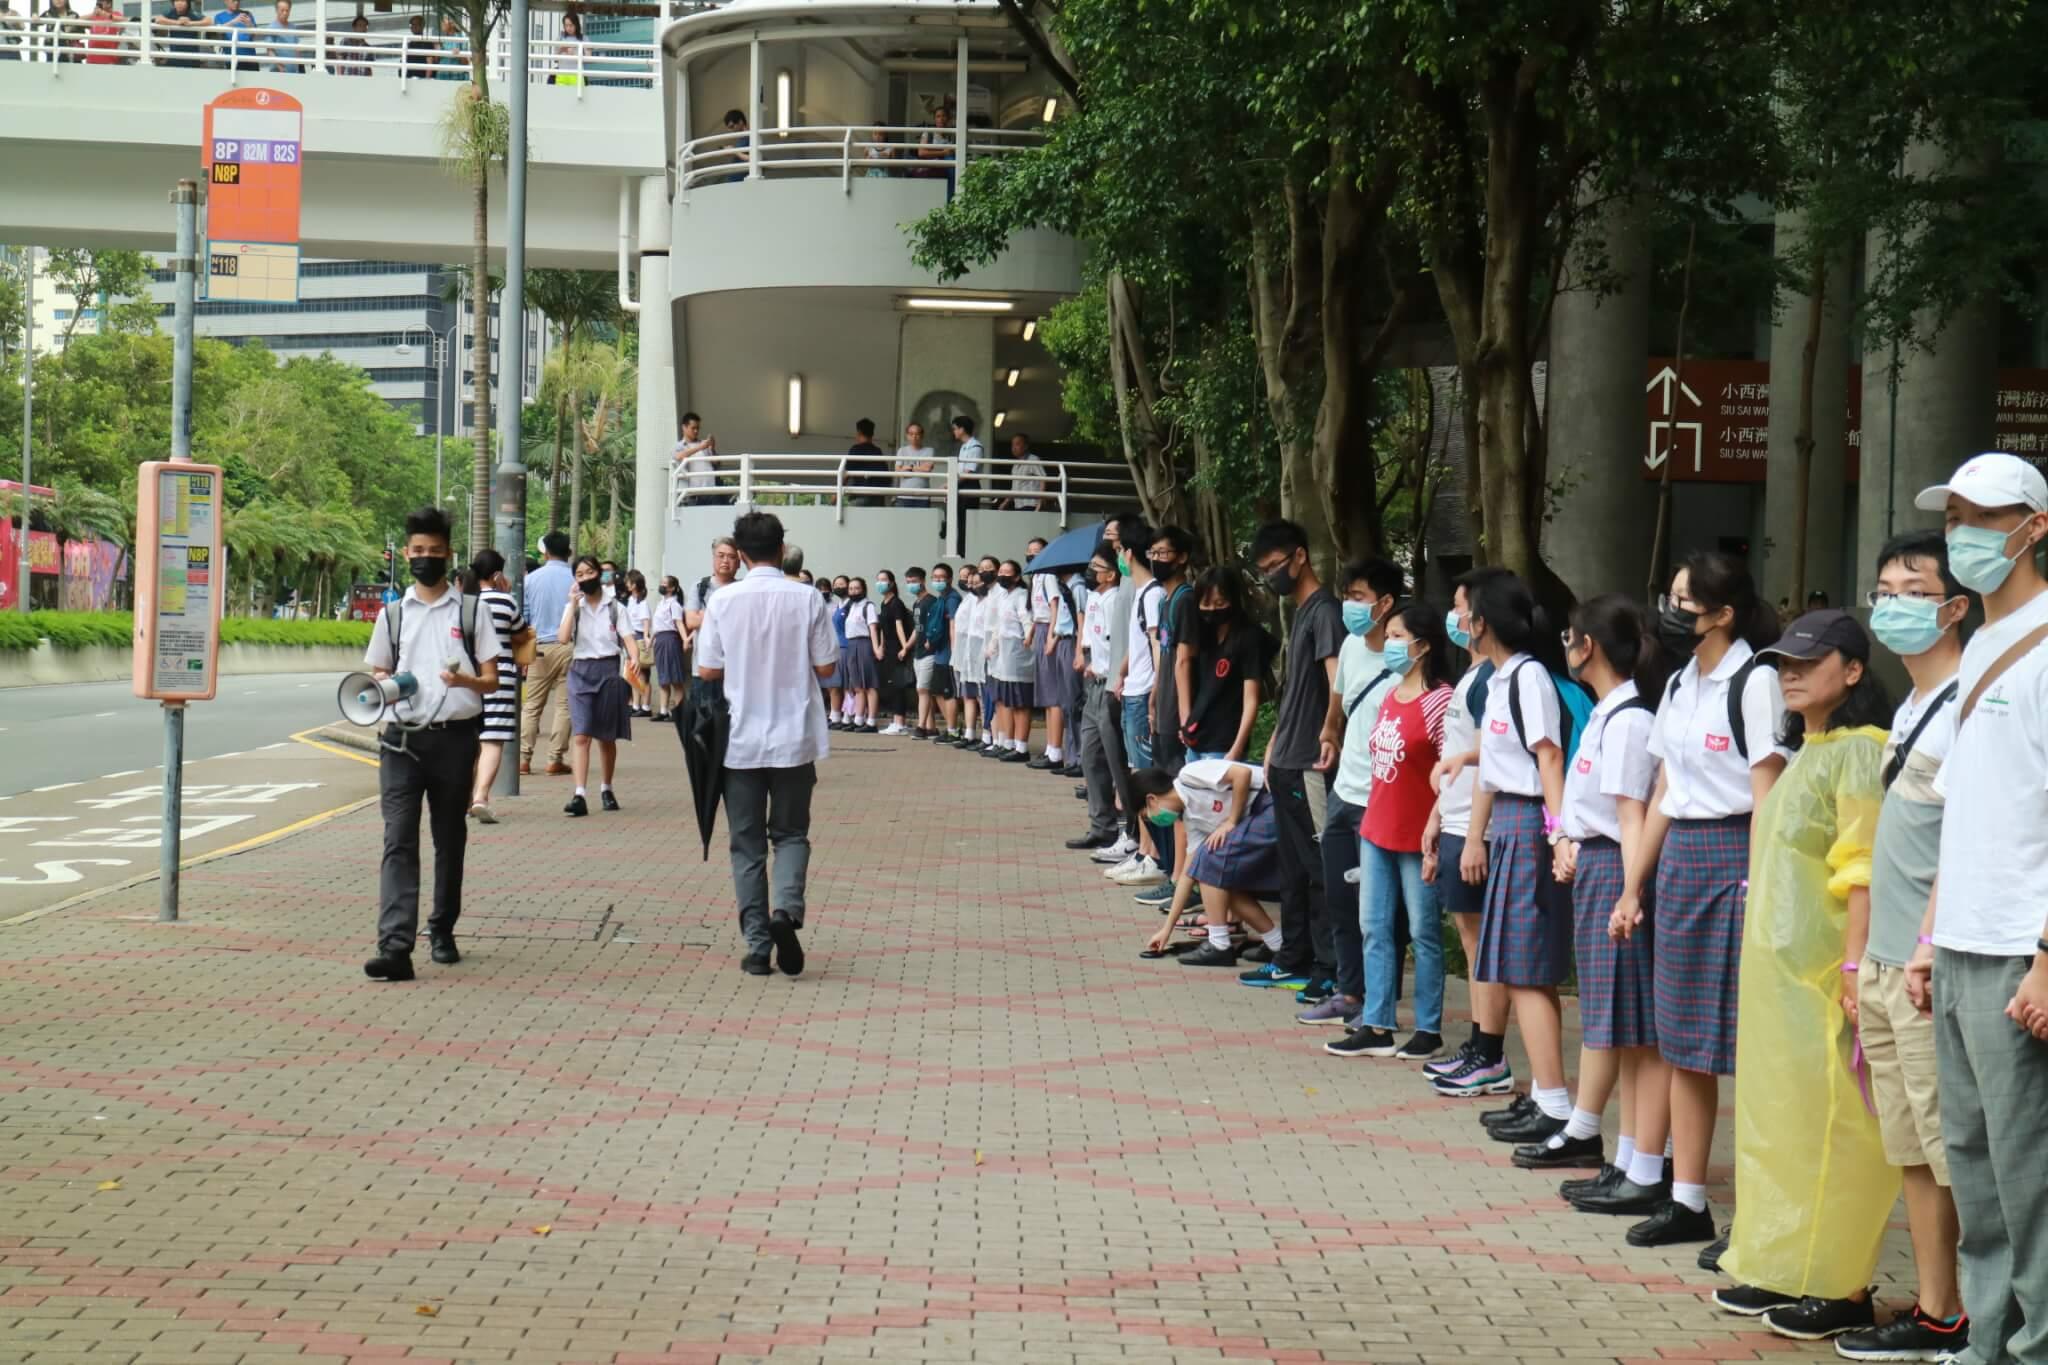 中學生自發的「小西灣人鏈」活動,讓過去三個月也平靜的小西灣,加入了抗爭運動版圖。